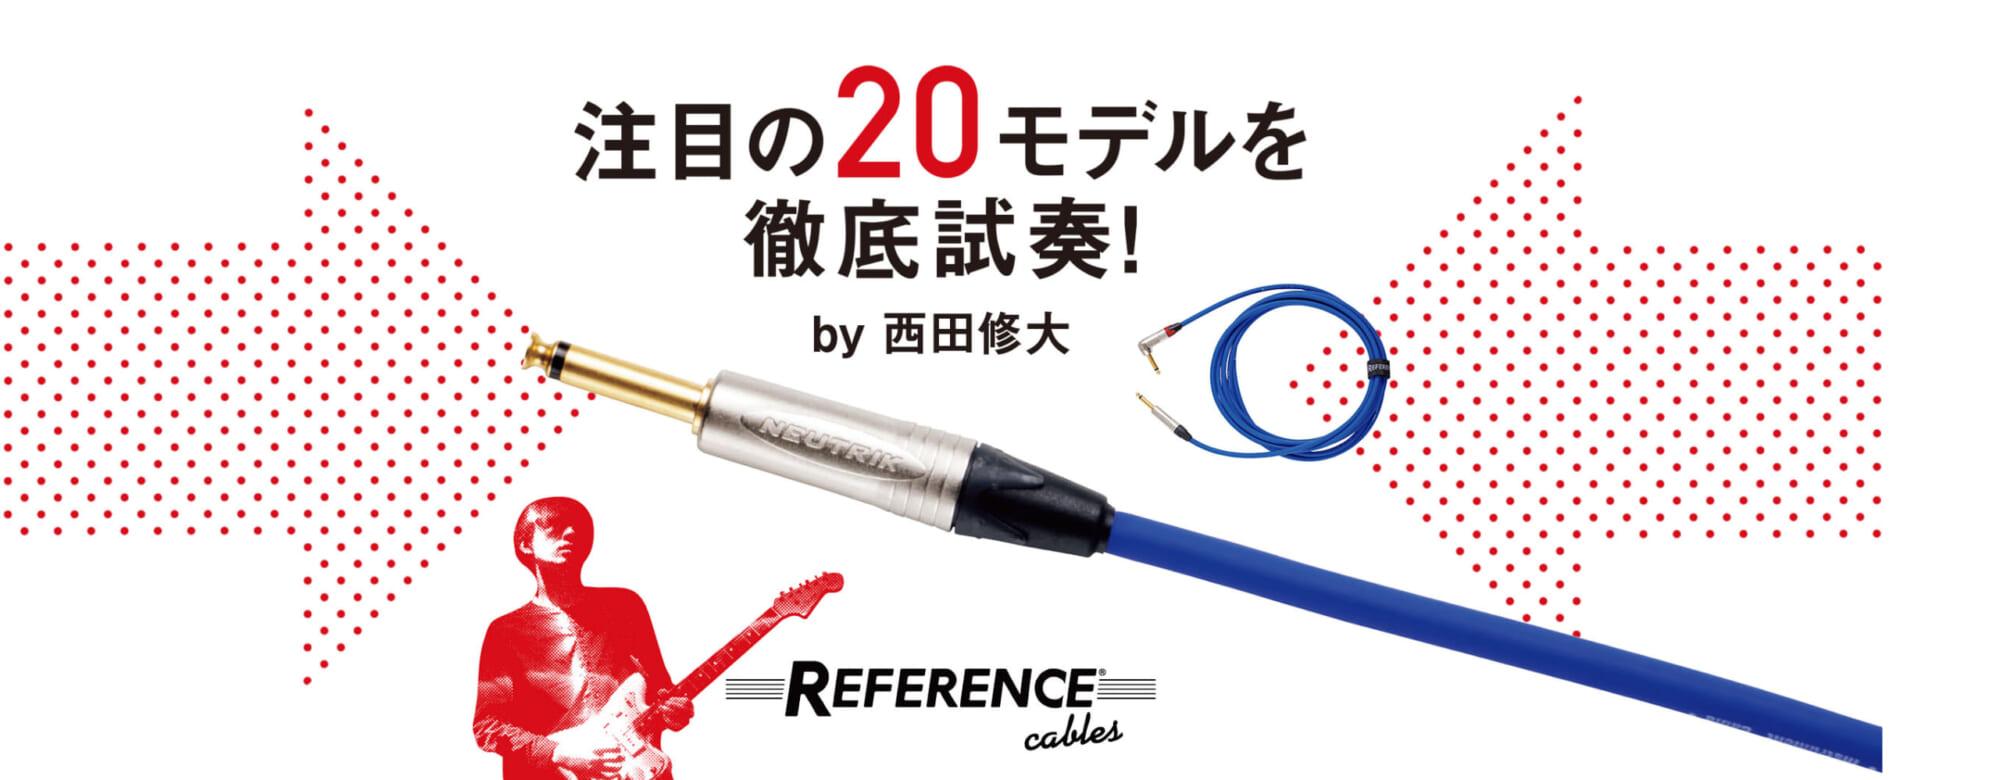 ワンランク上のシールド・ケーブル徹底試奏!Reference CablesRIC 01